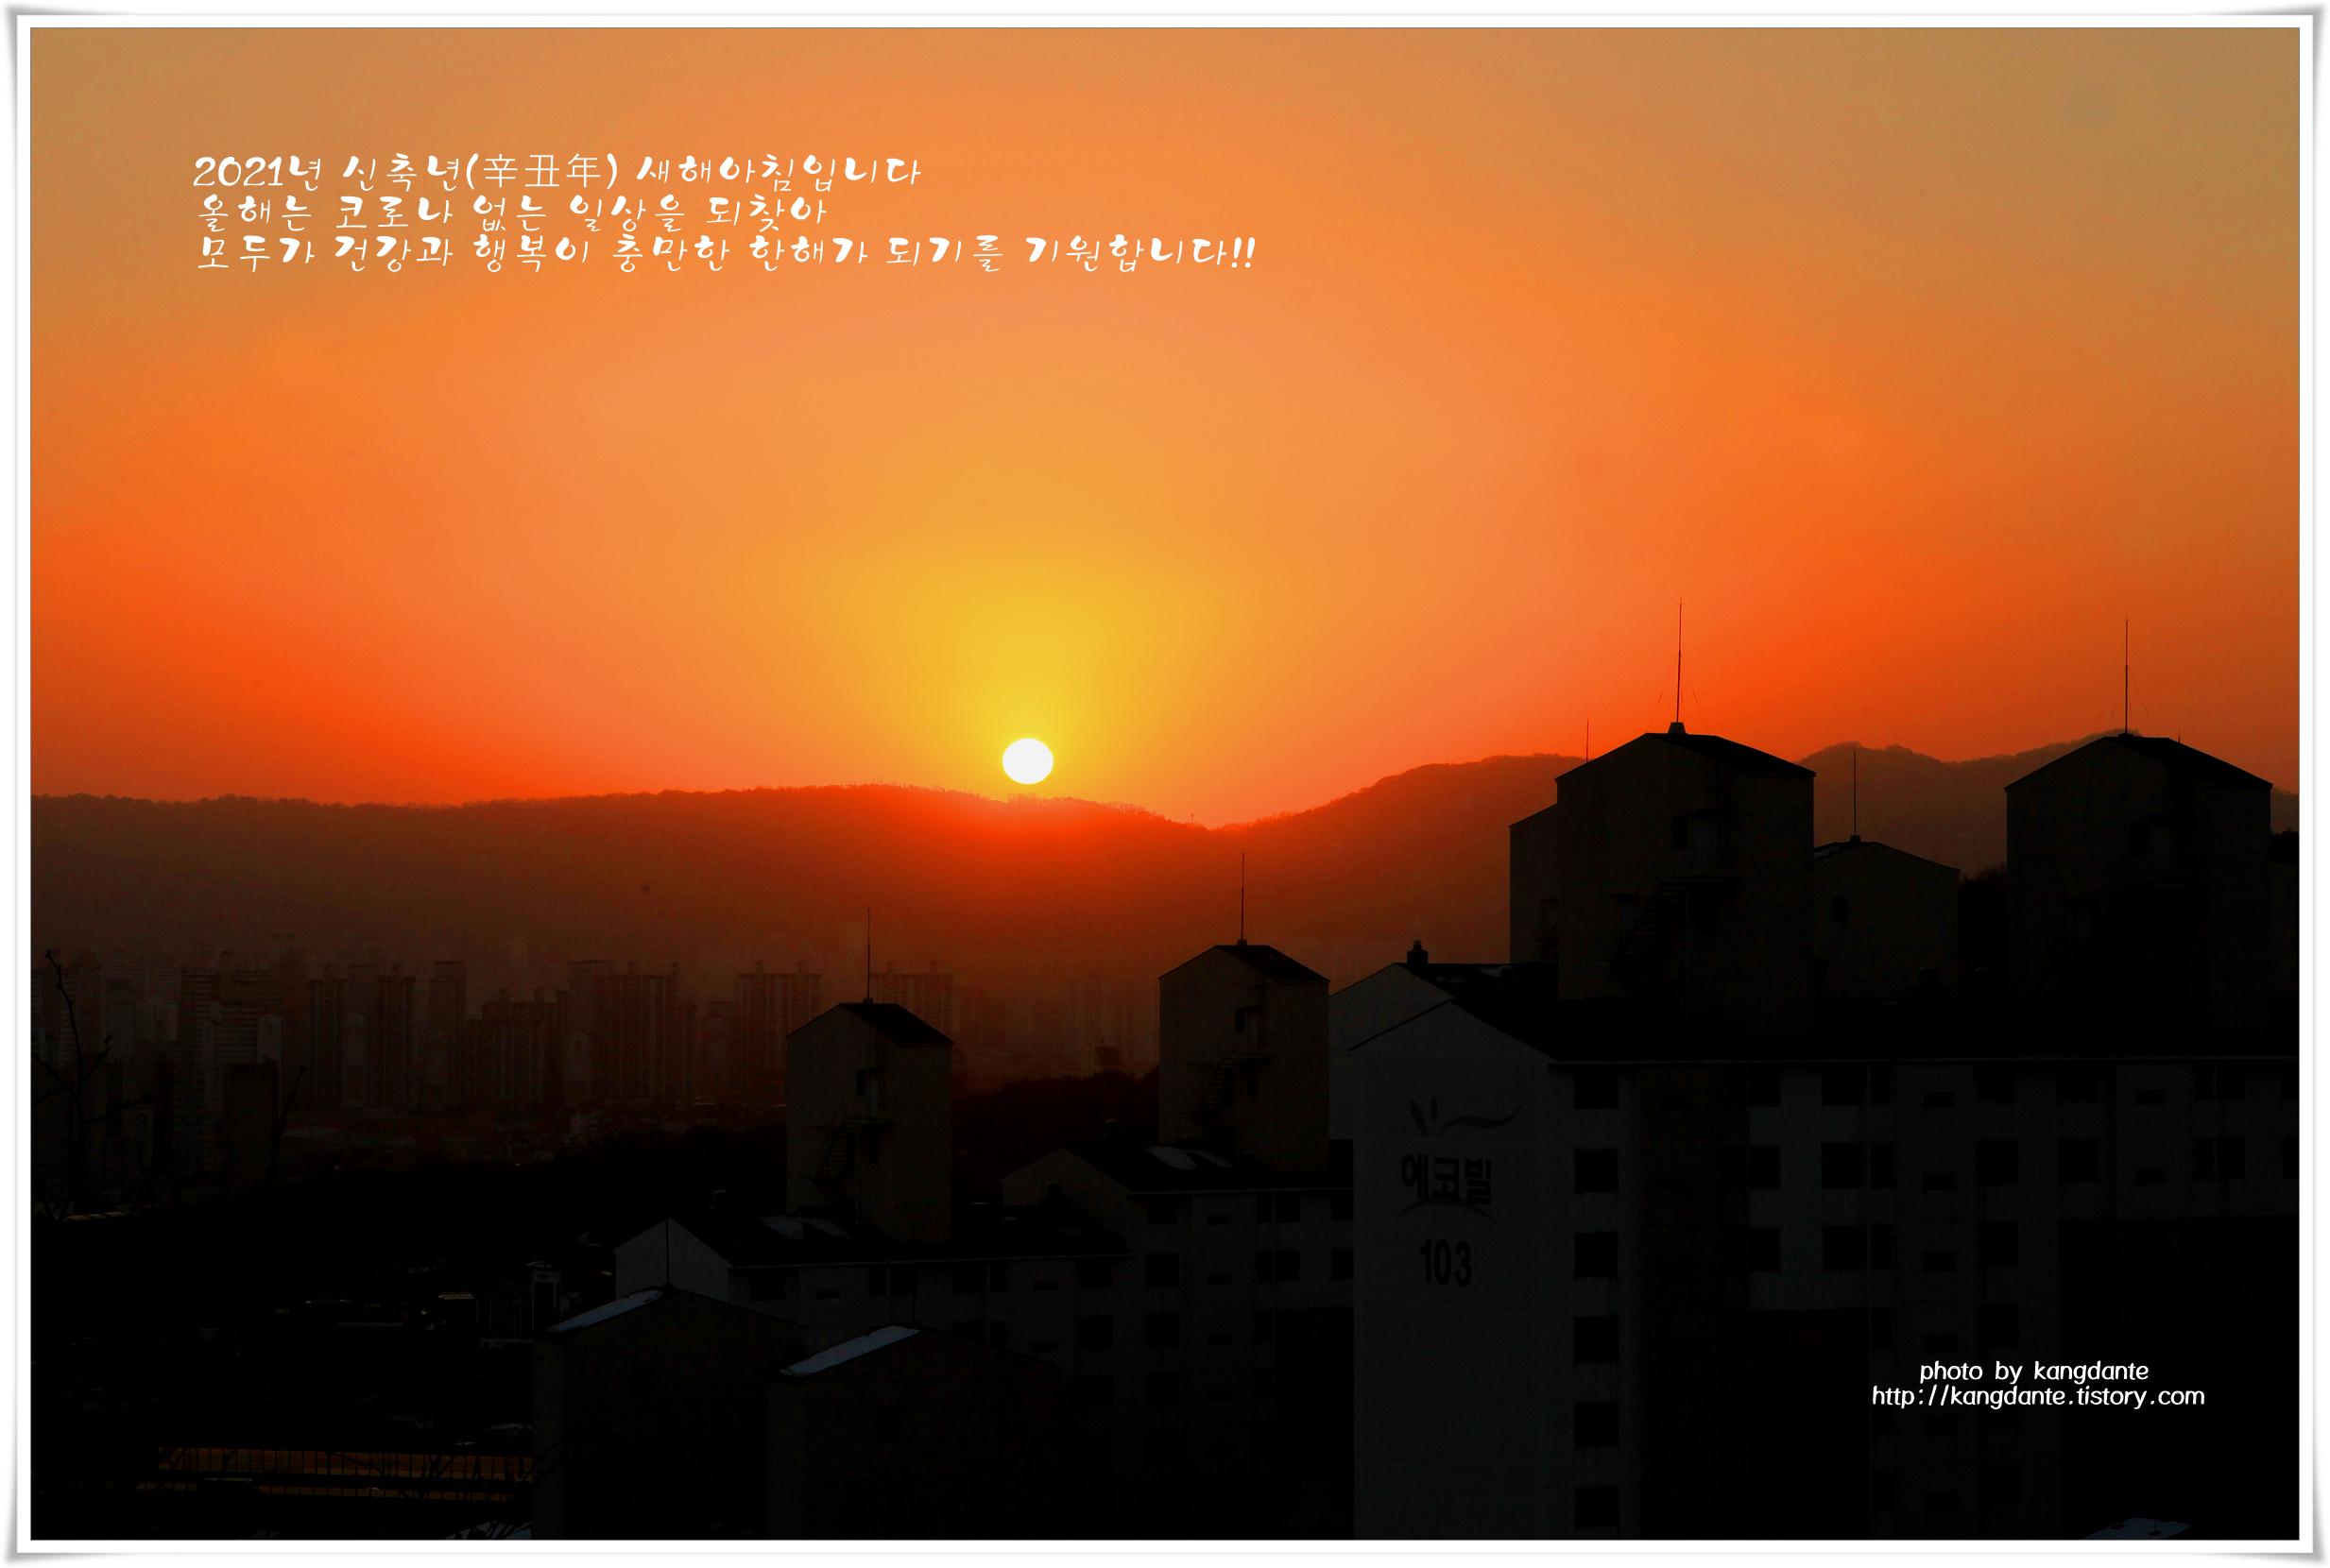 2021년 신축년(辛丑年) 새해아침